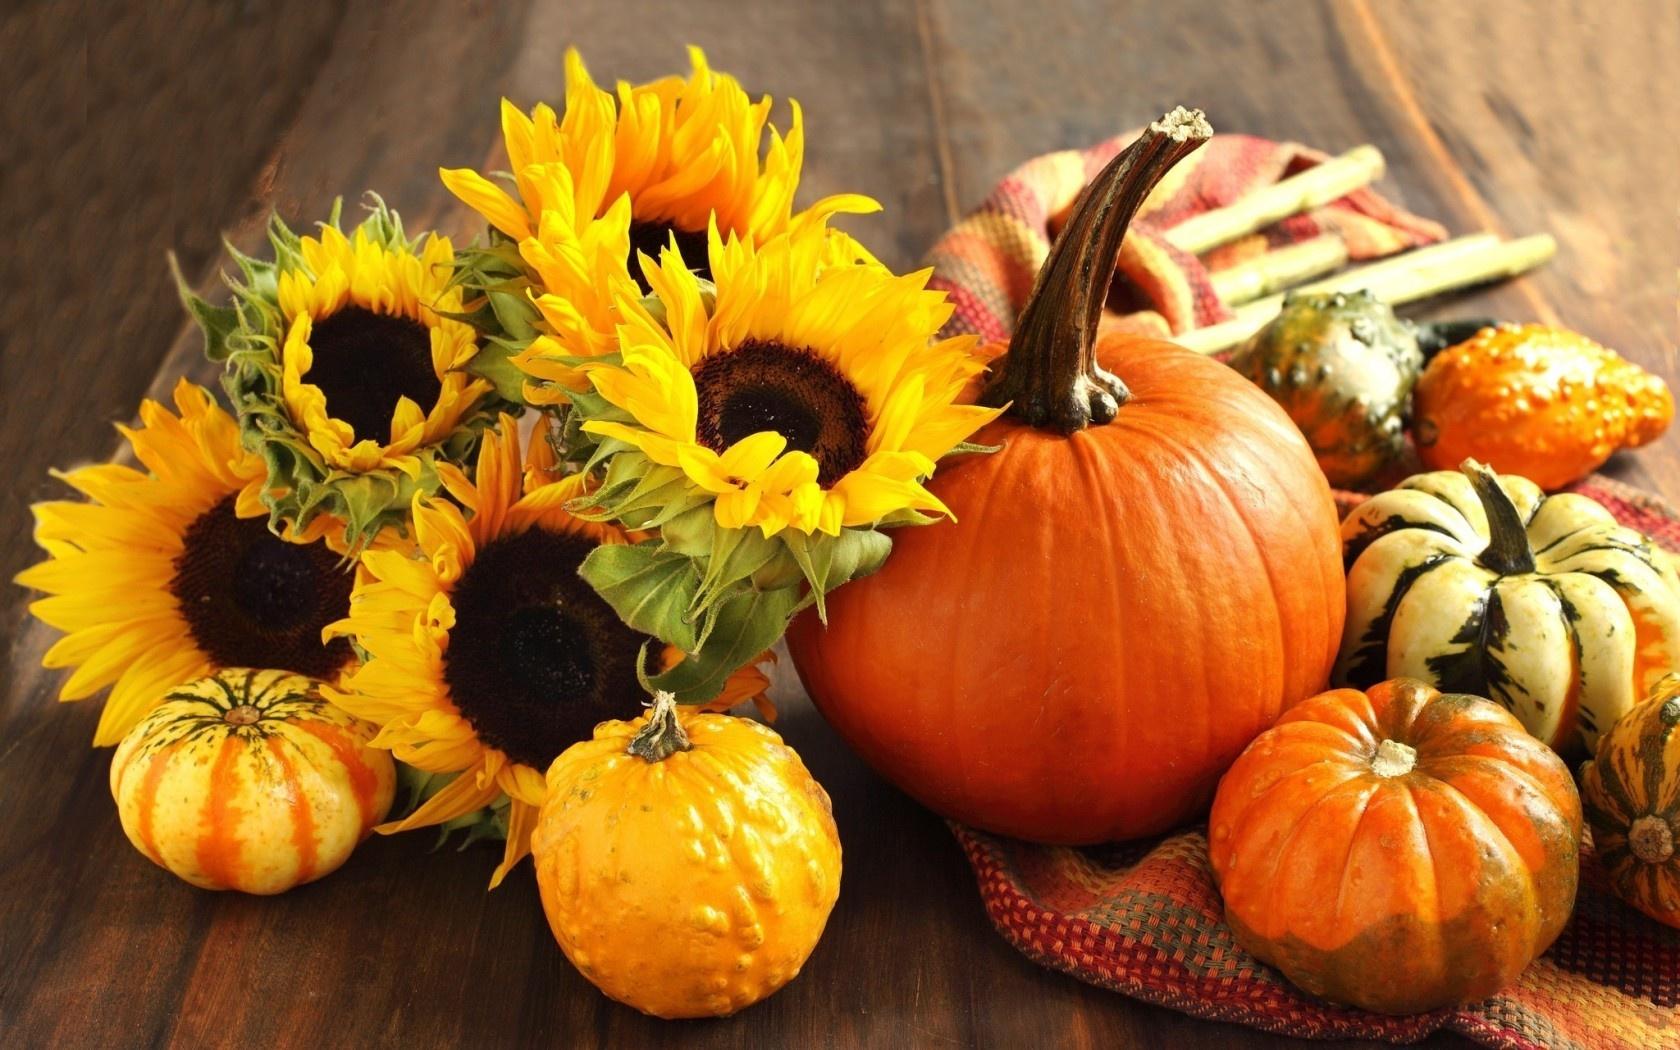 Wallpaper autumn pumpkin sunflower harvest still life desktop 1680x1050